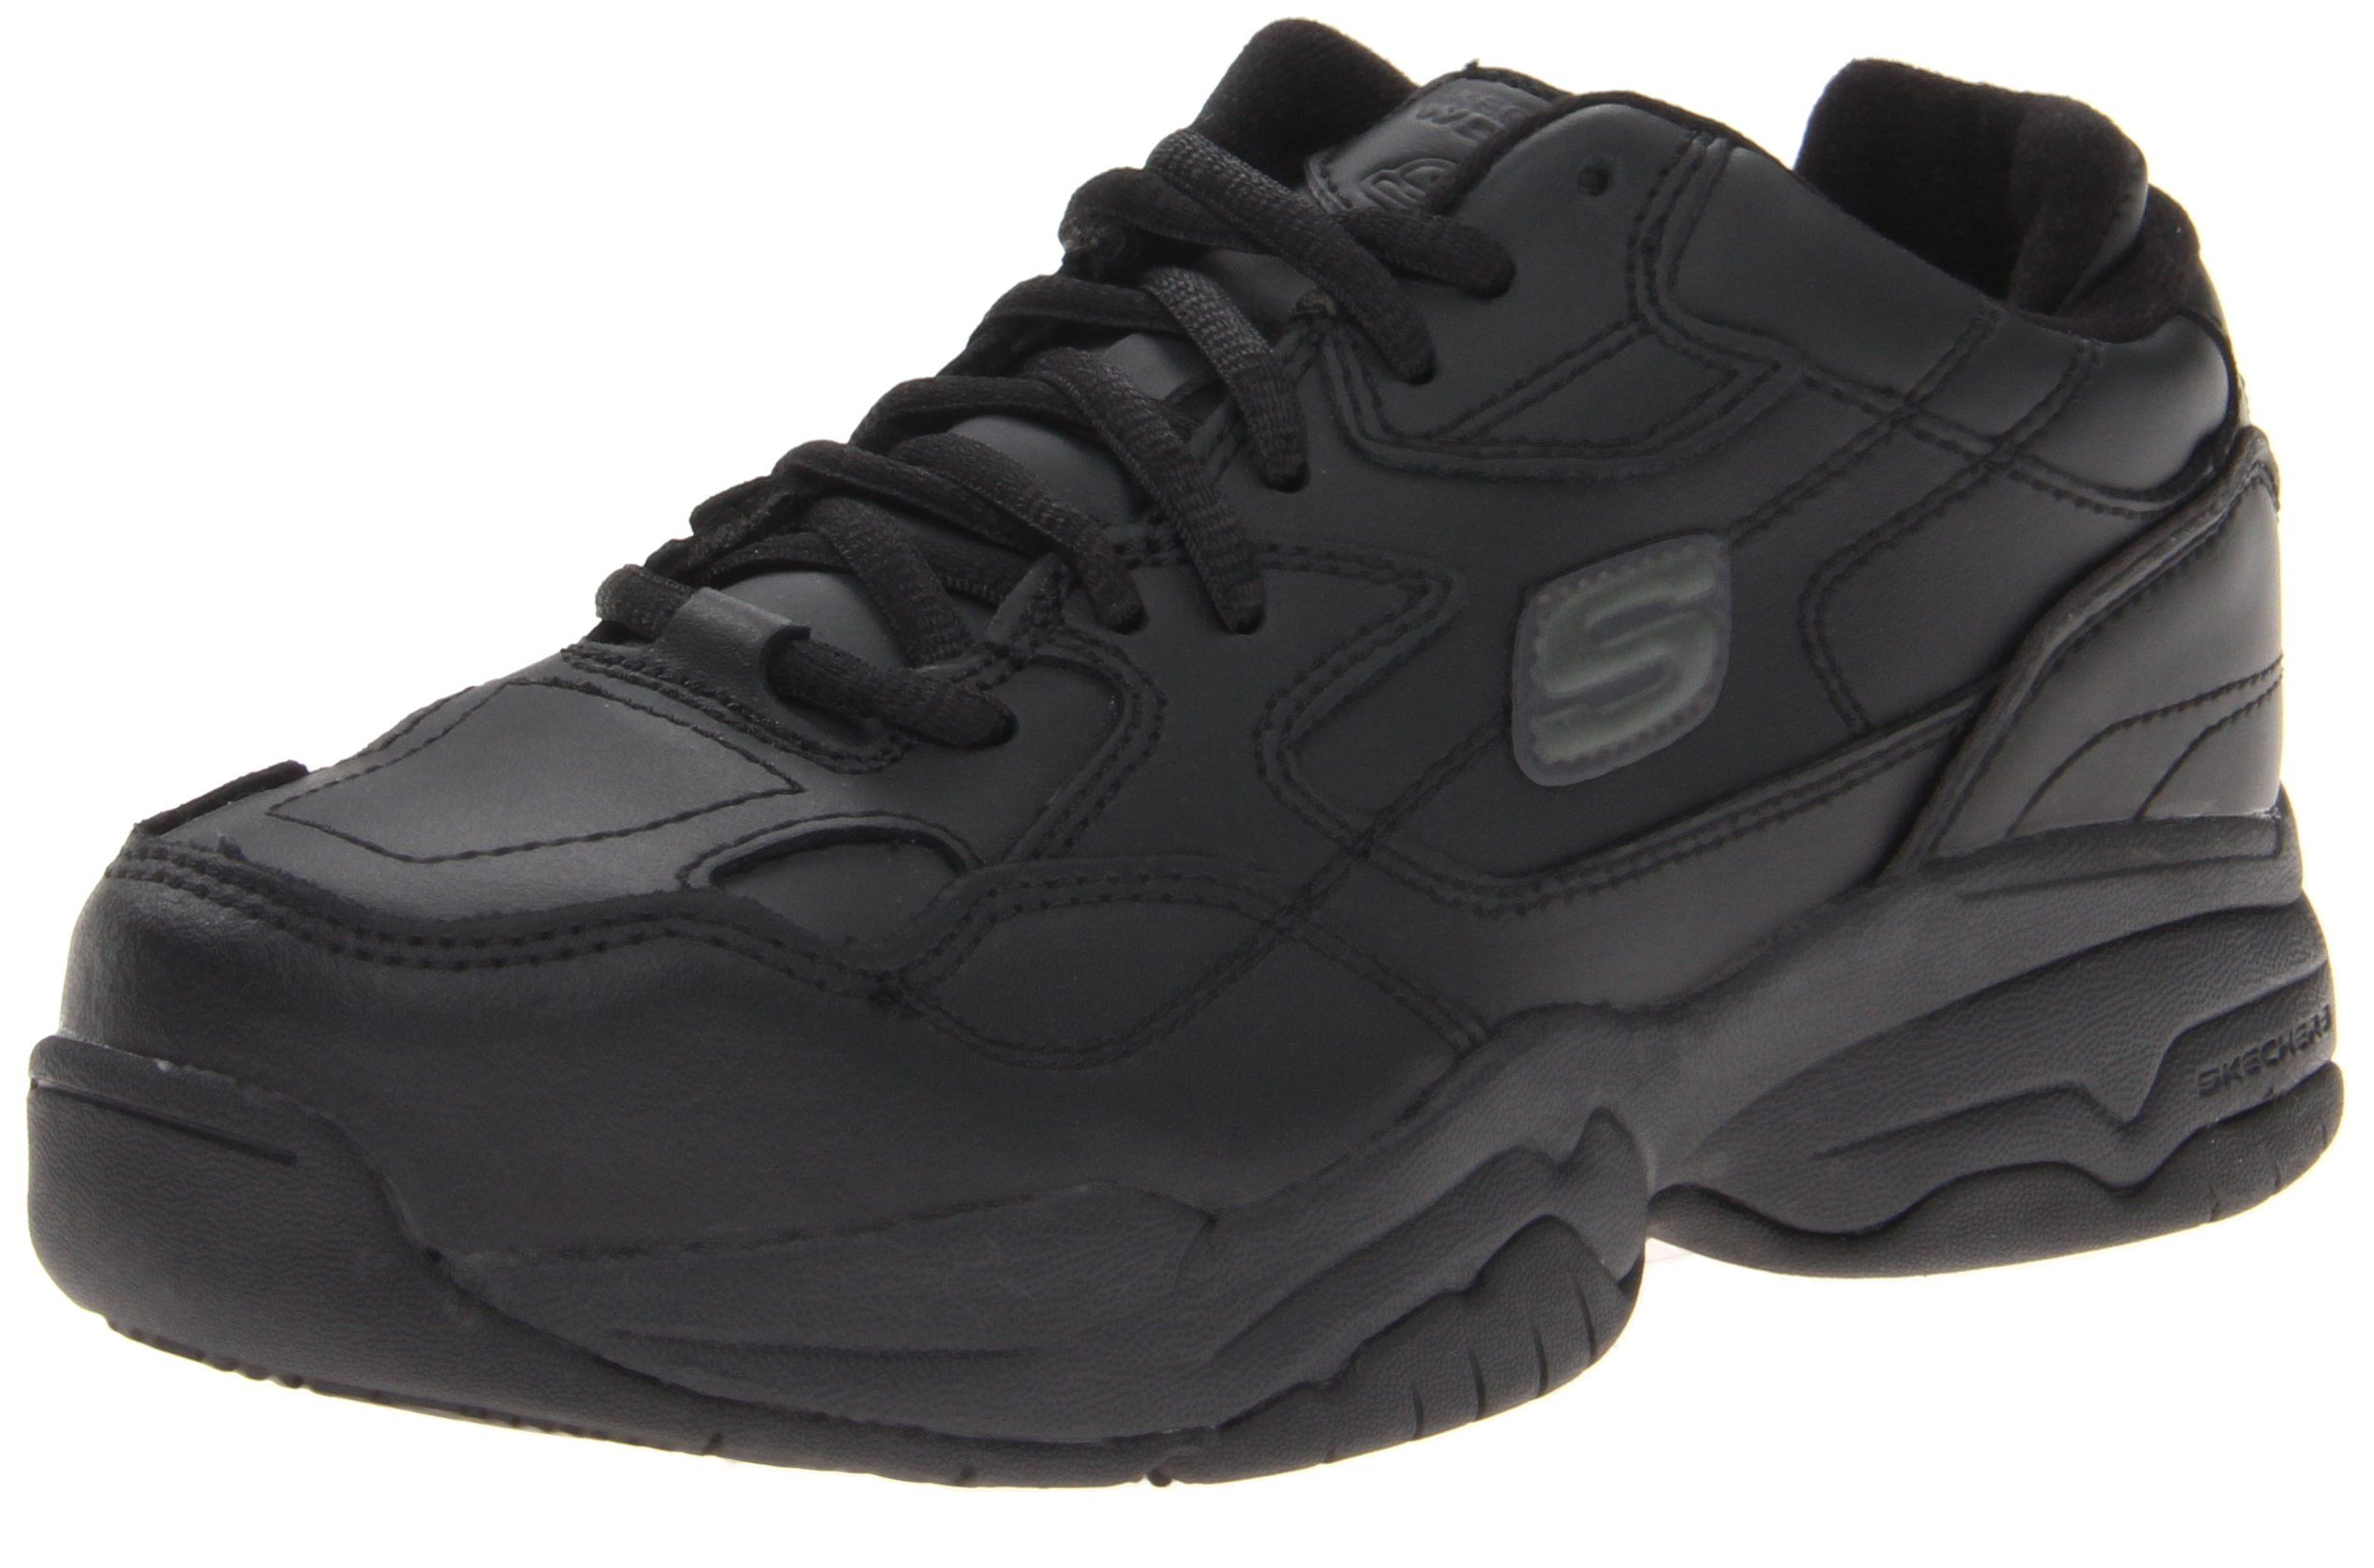 Steel Toe Shoes For Women Steel Toe Work Shoes Steel Toe Shoes